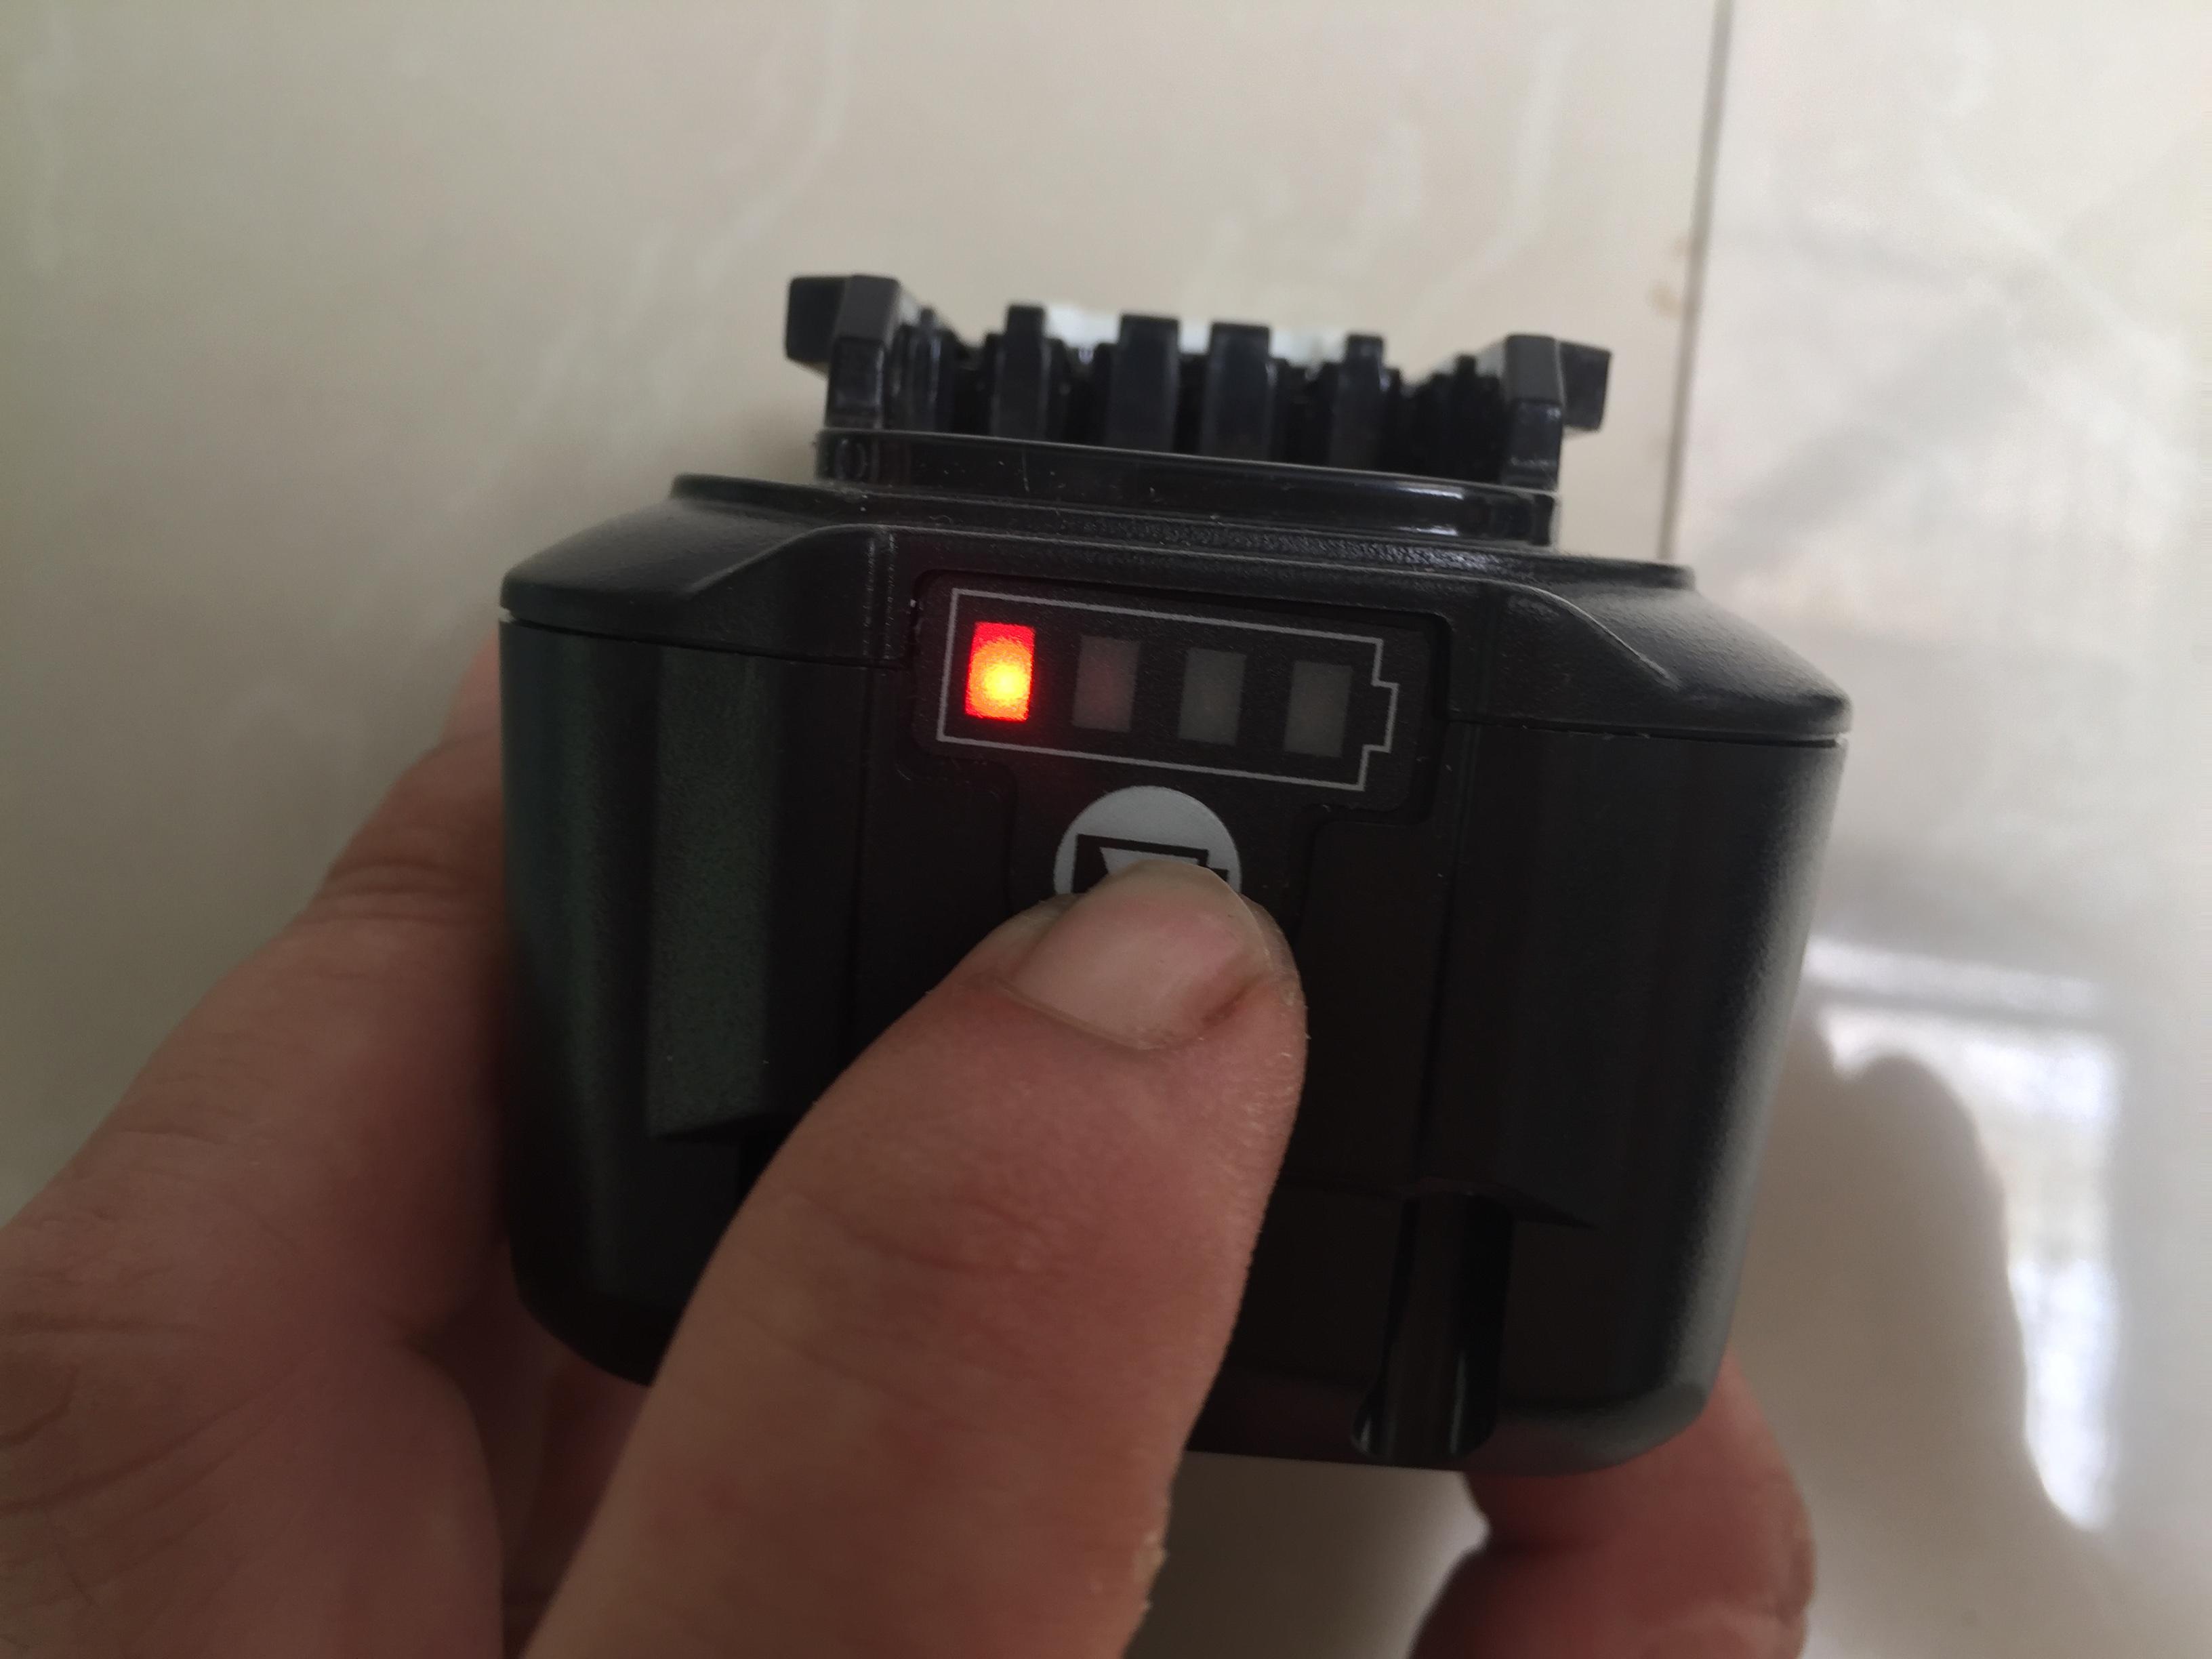 Pin Makita 12V 5A Được Làm Từ Pin Lishen Mới